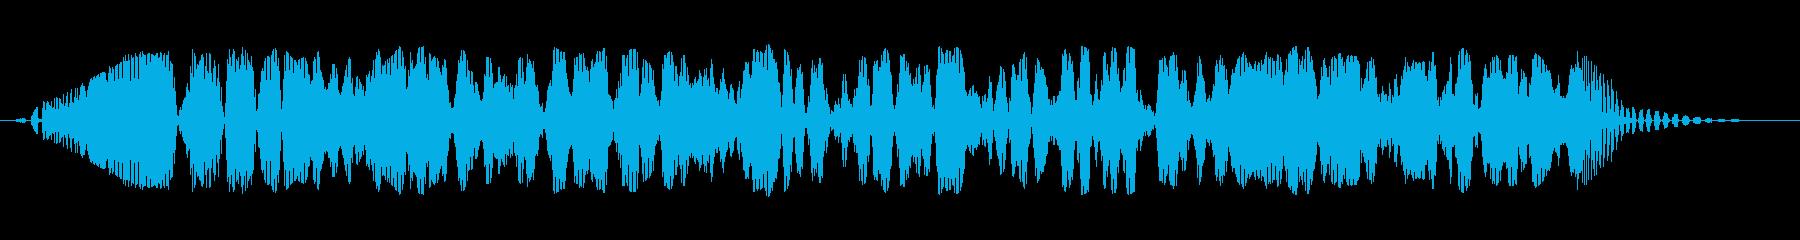 宇宙船エンジンは上下に回転します。...の再生済みの波形